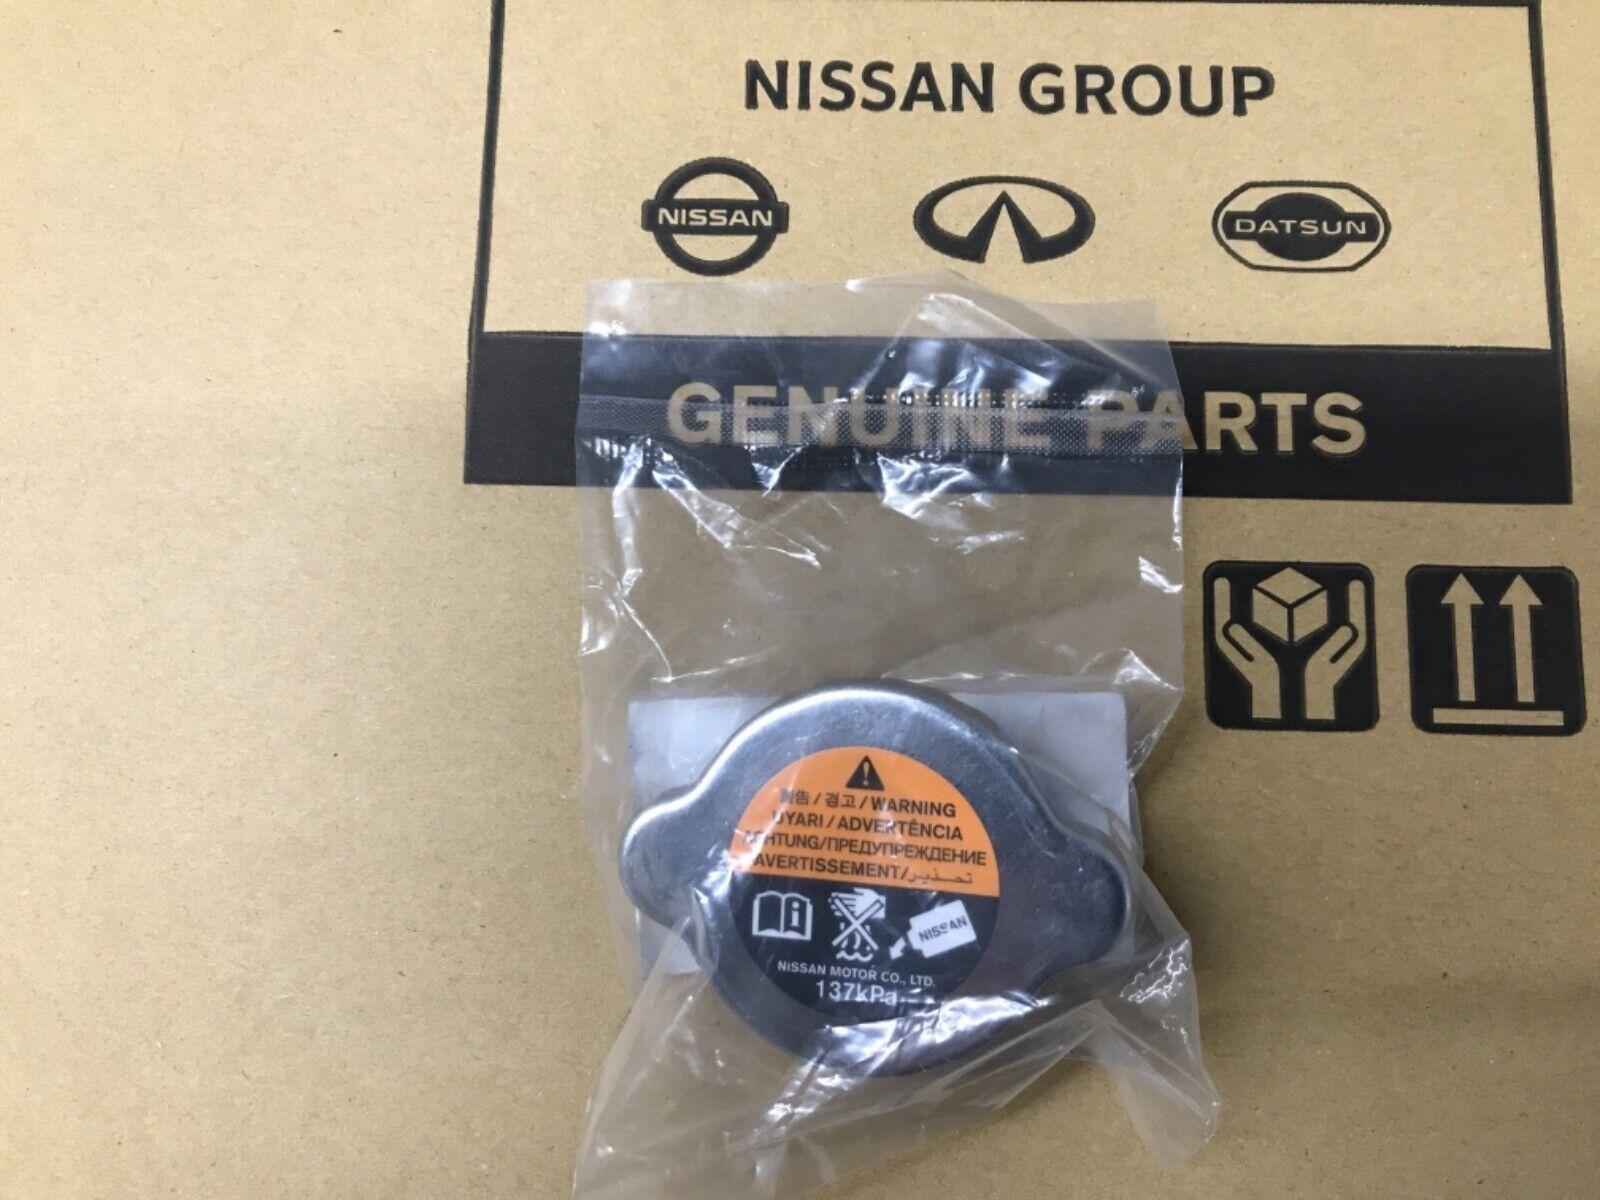 NEW OEM NISSAN INFINITI Radiator Cap 137kPa 214308999C G37 EX35 FX35 M37 Q50 Q60